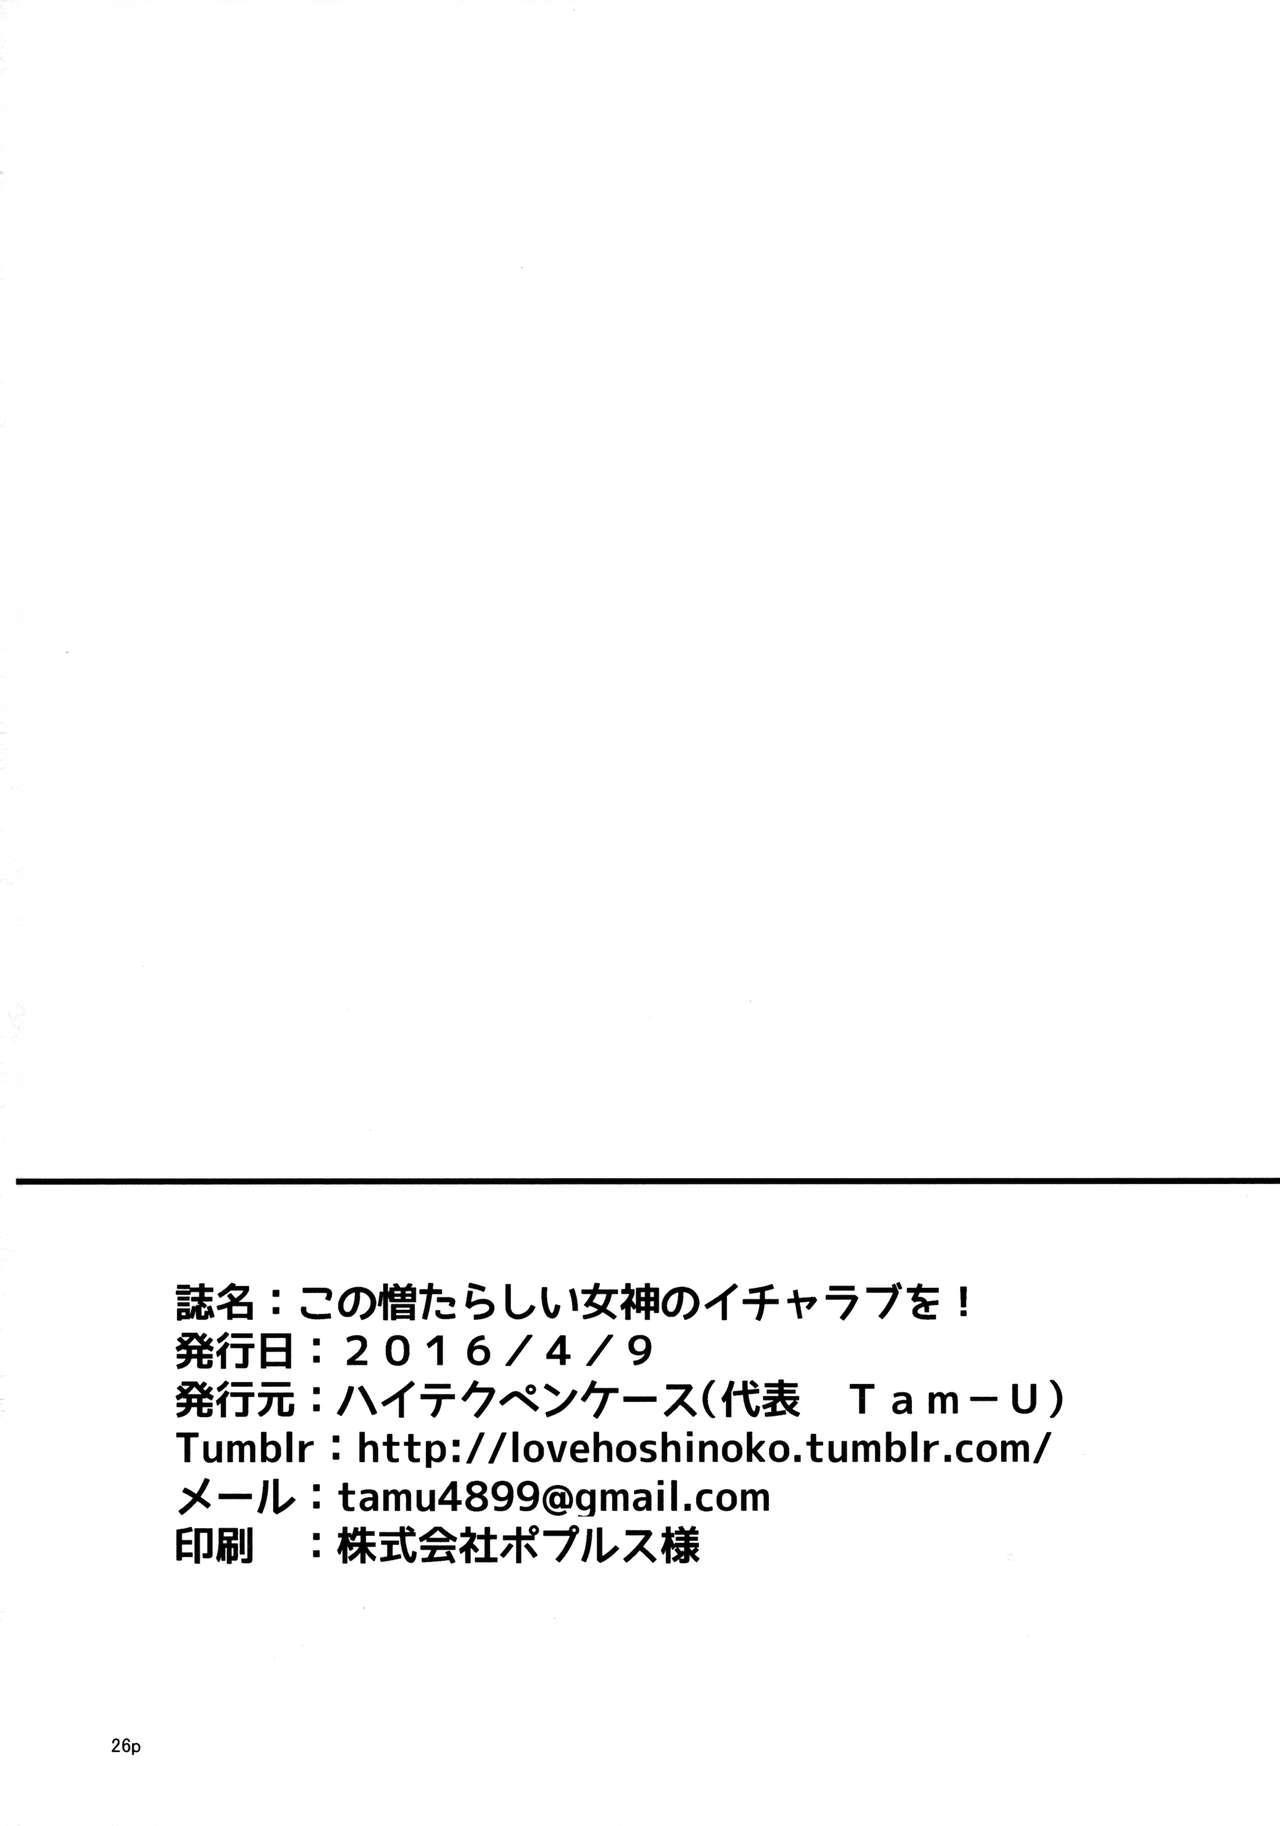 Kono Nikutarashii Megami no Icha Love o! | Making Love With This Hateful Goddess! 24